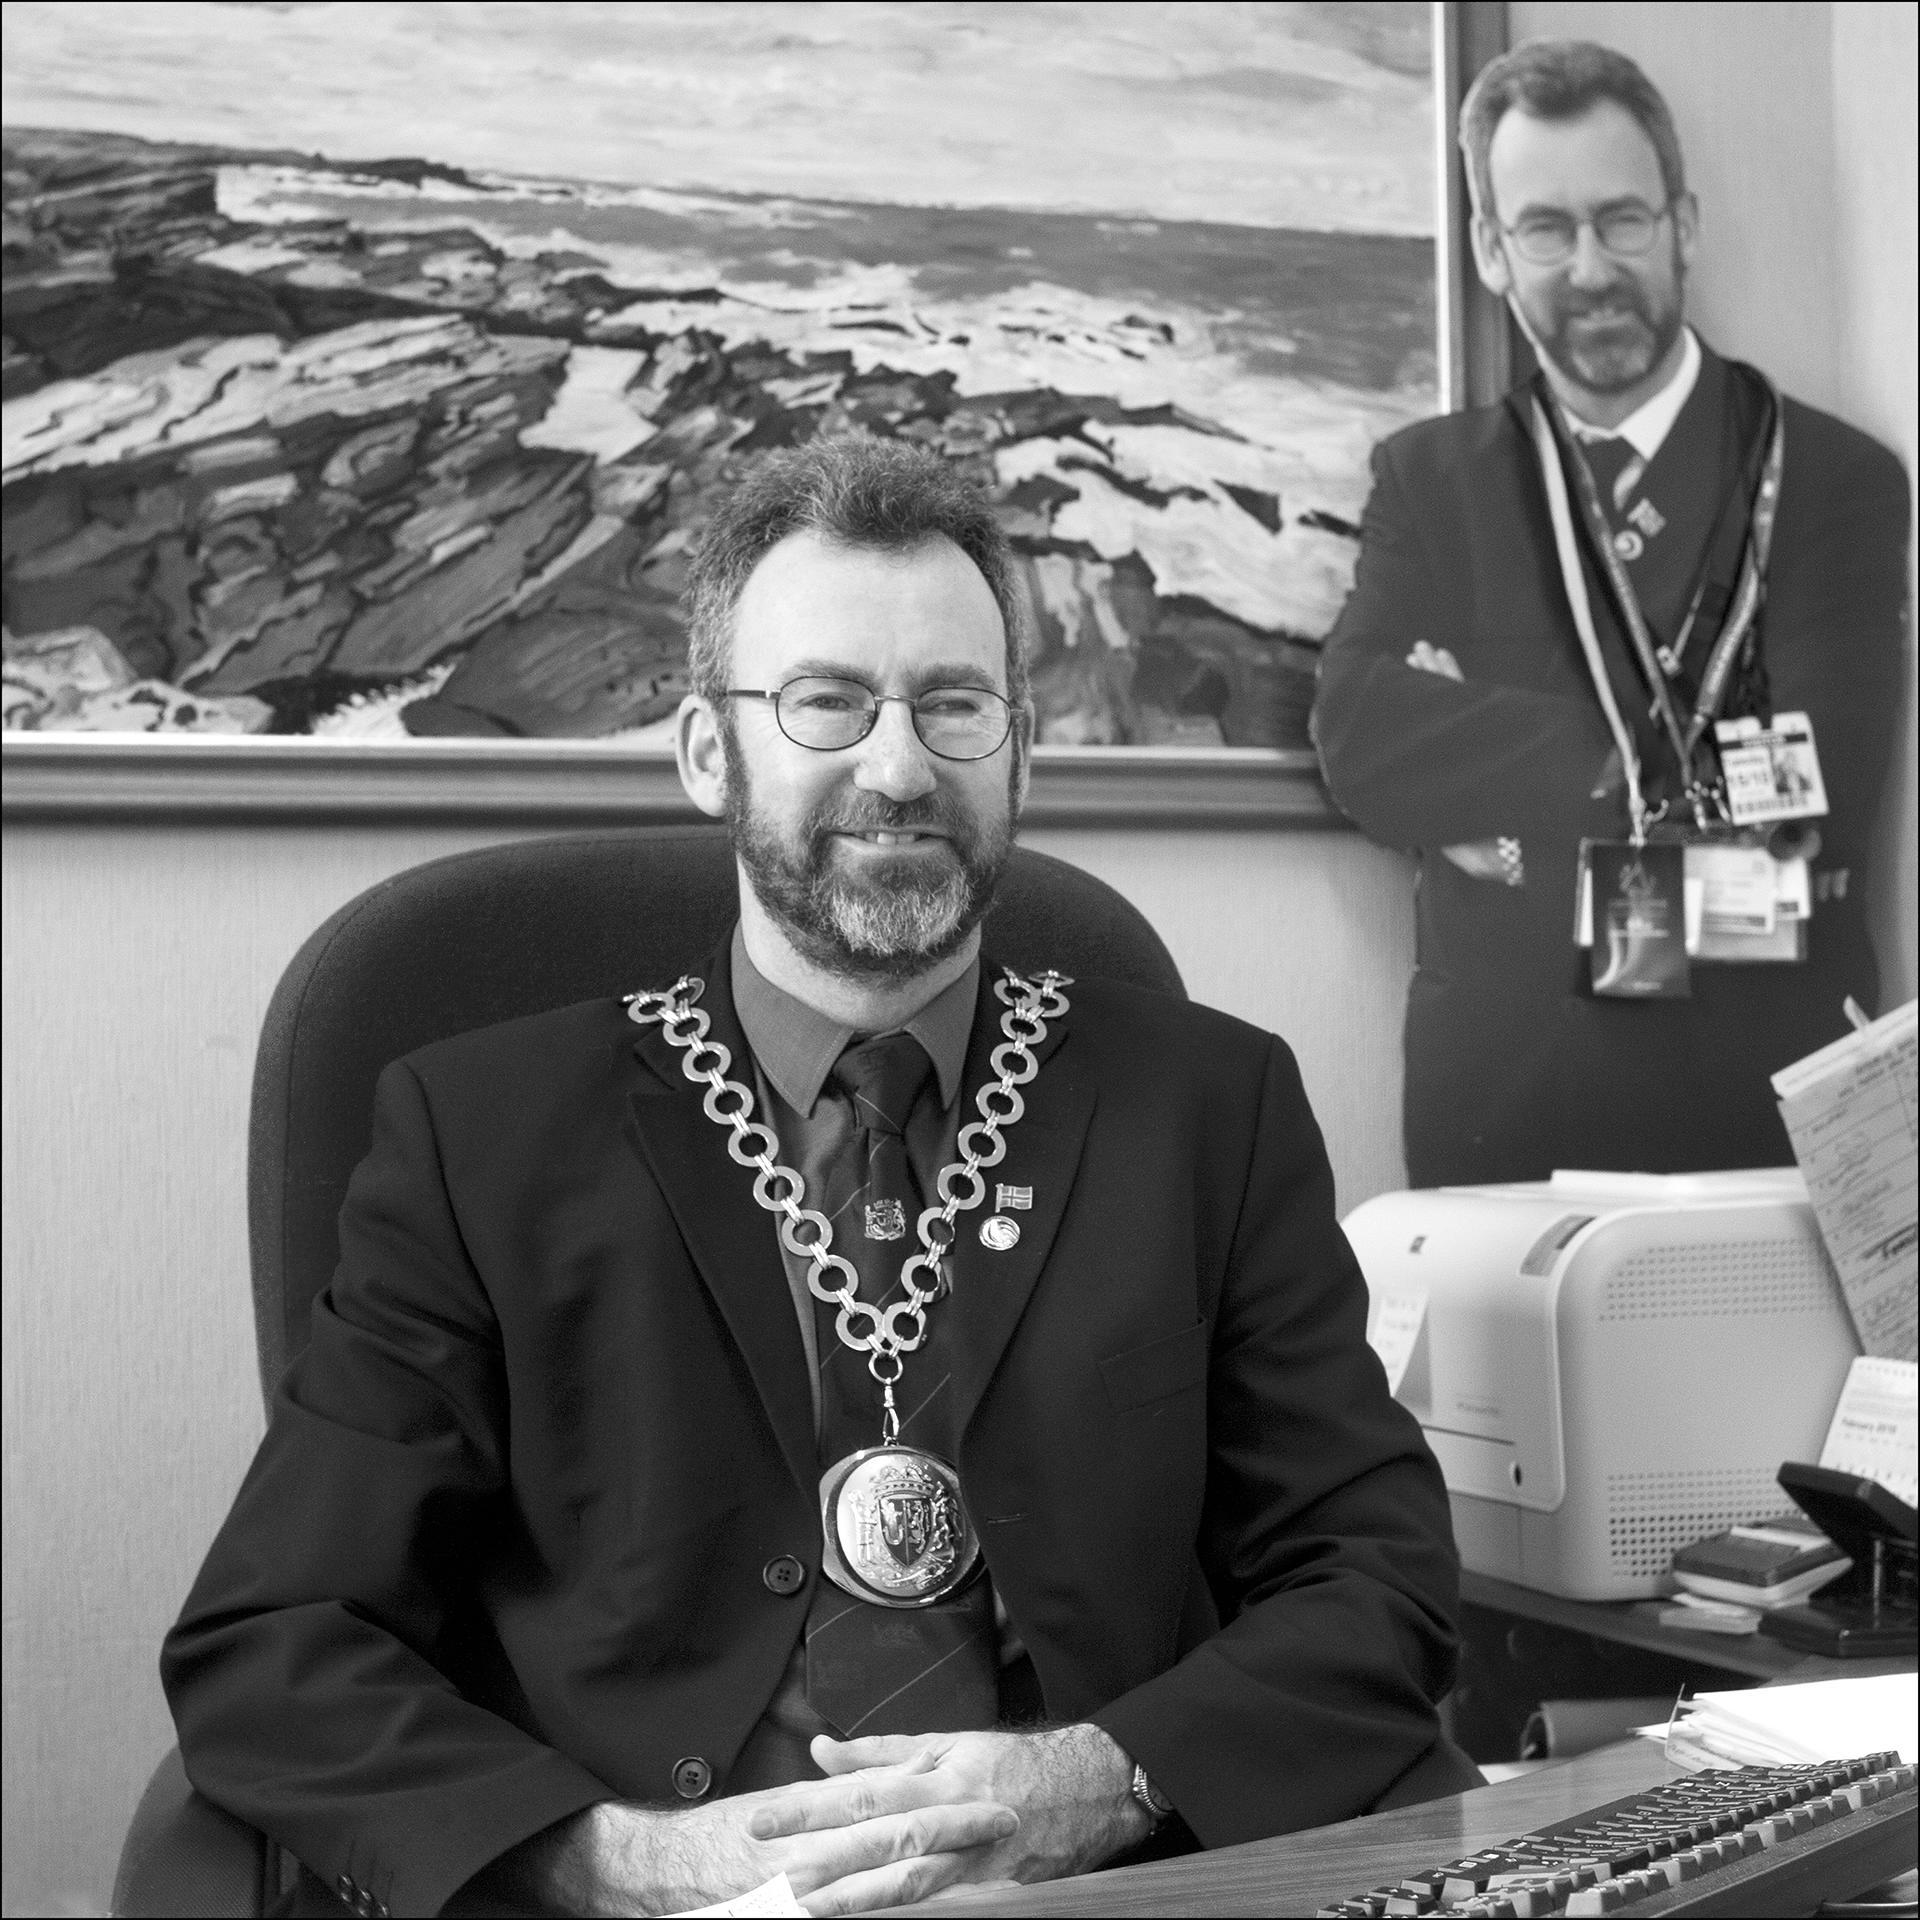 Bürgermeister-2